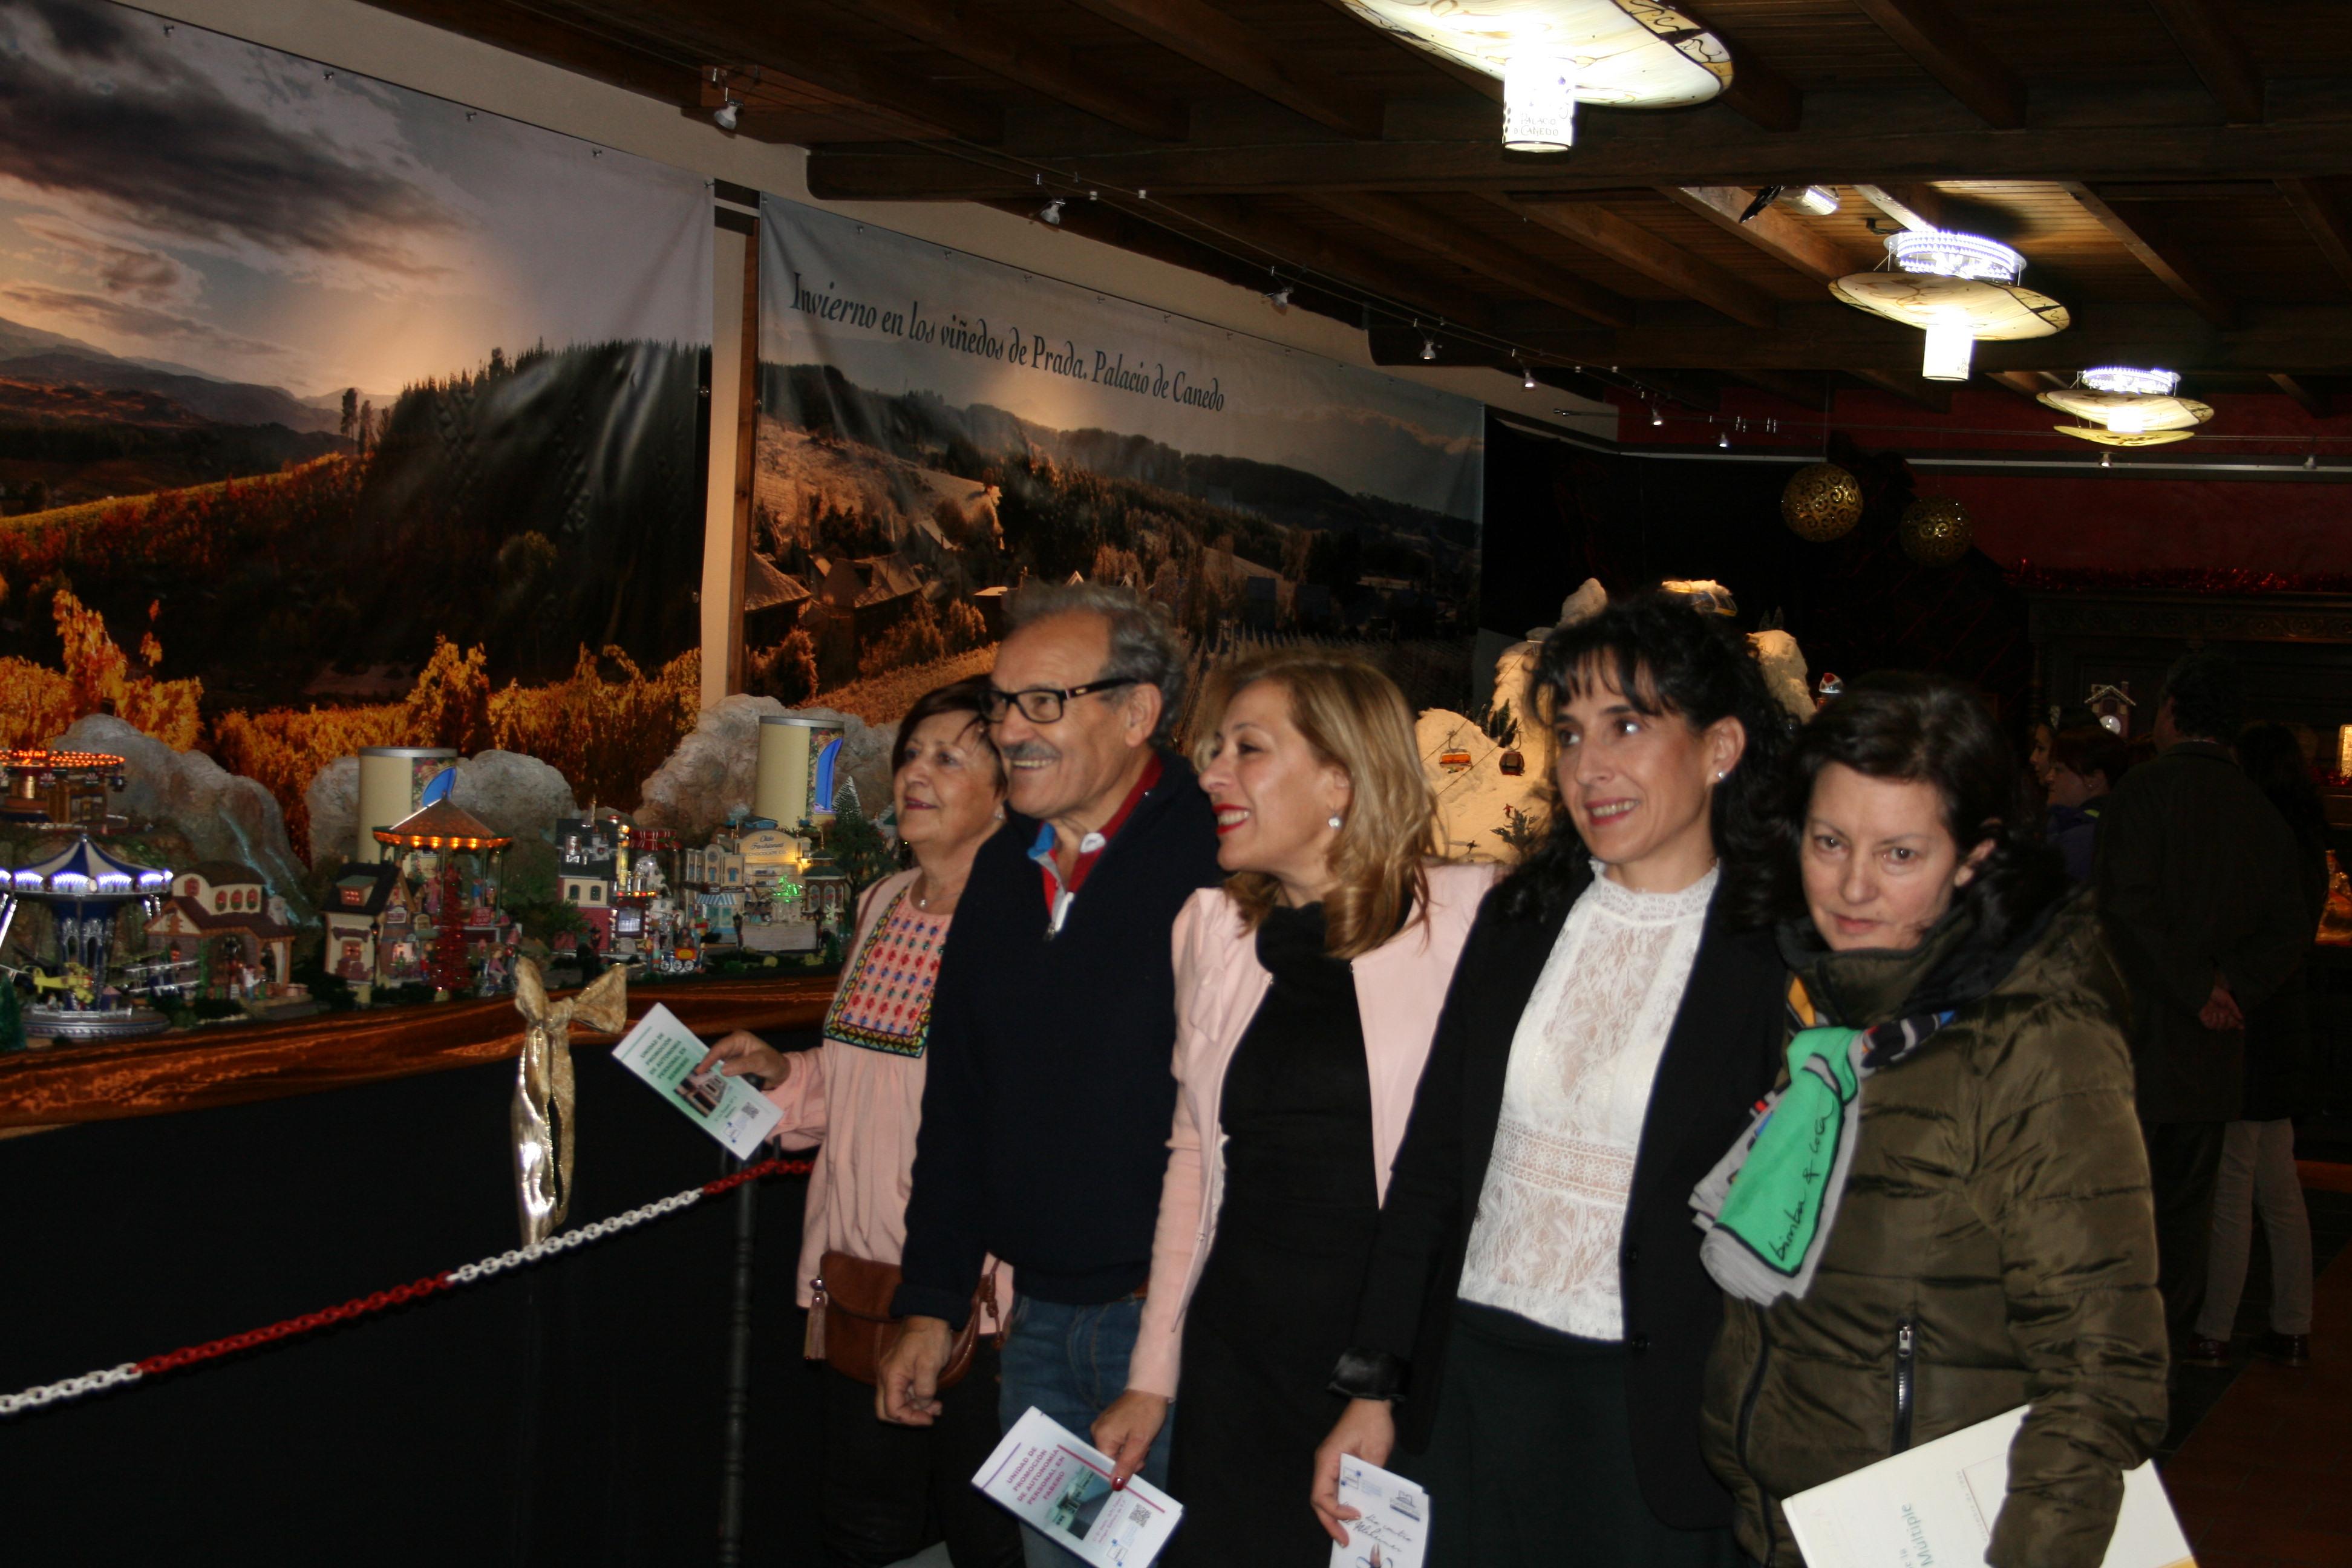 Carruseles solidarios en el Palacio de Canedo 1